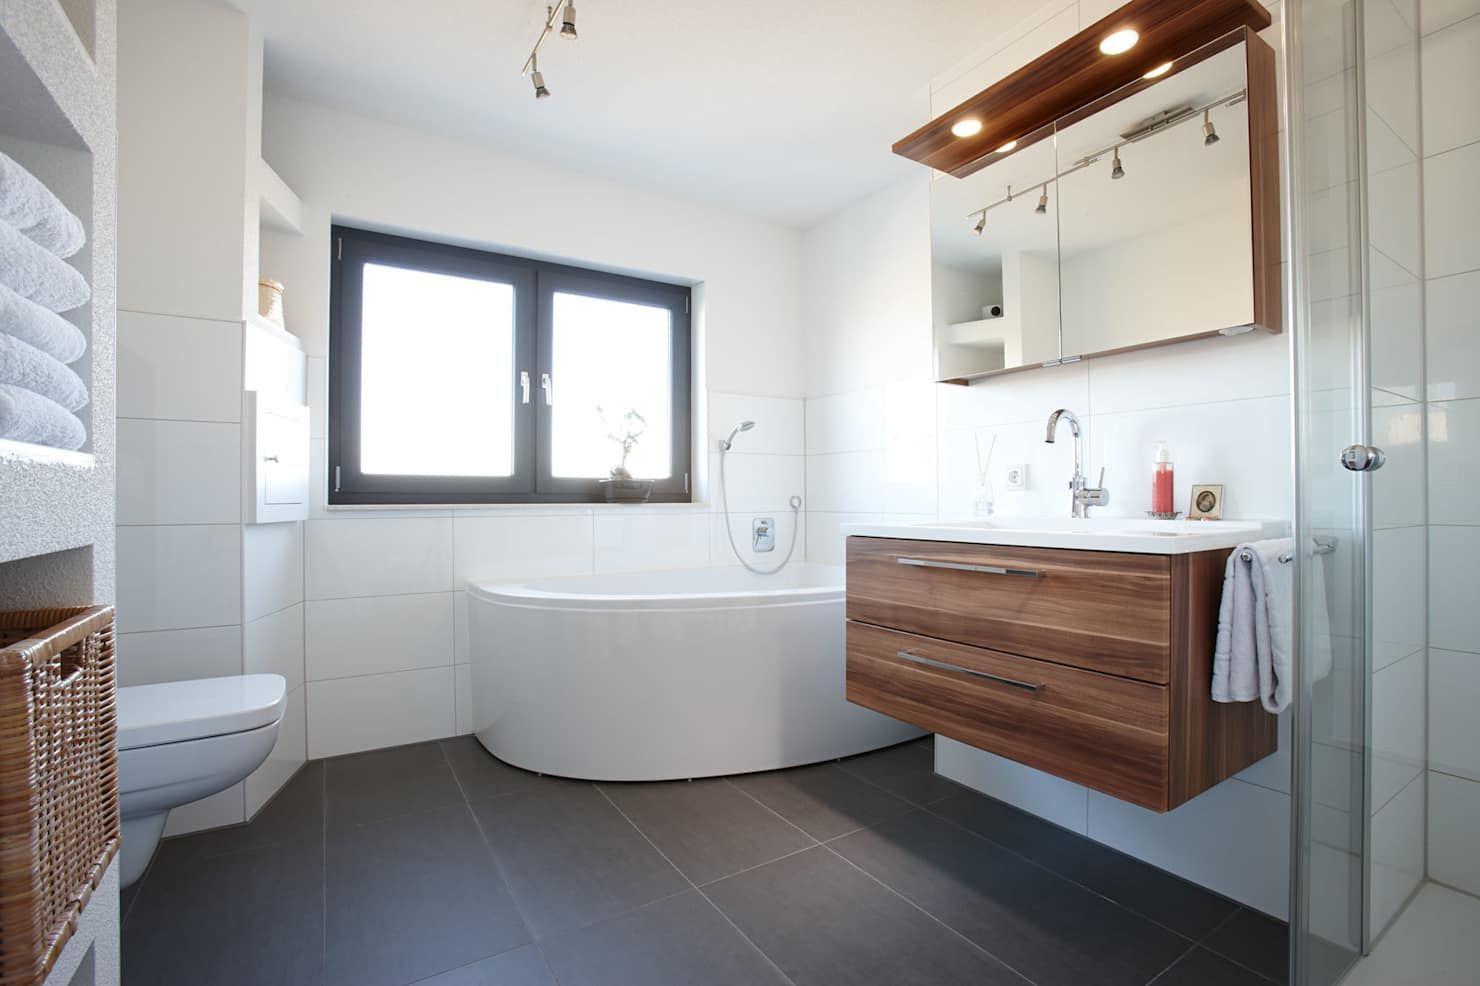 Architektur Trend Das Badezimmer Mit Eckbadewanne Moderne